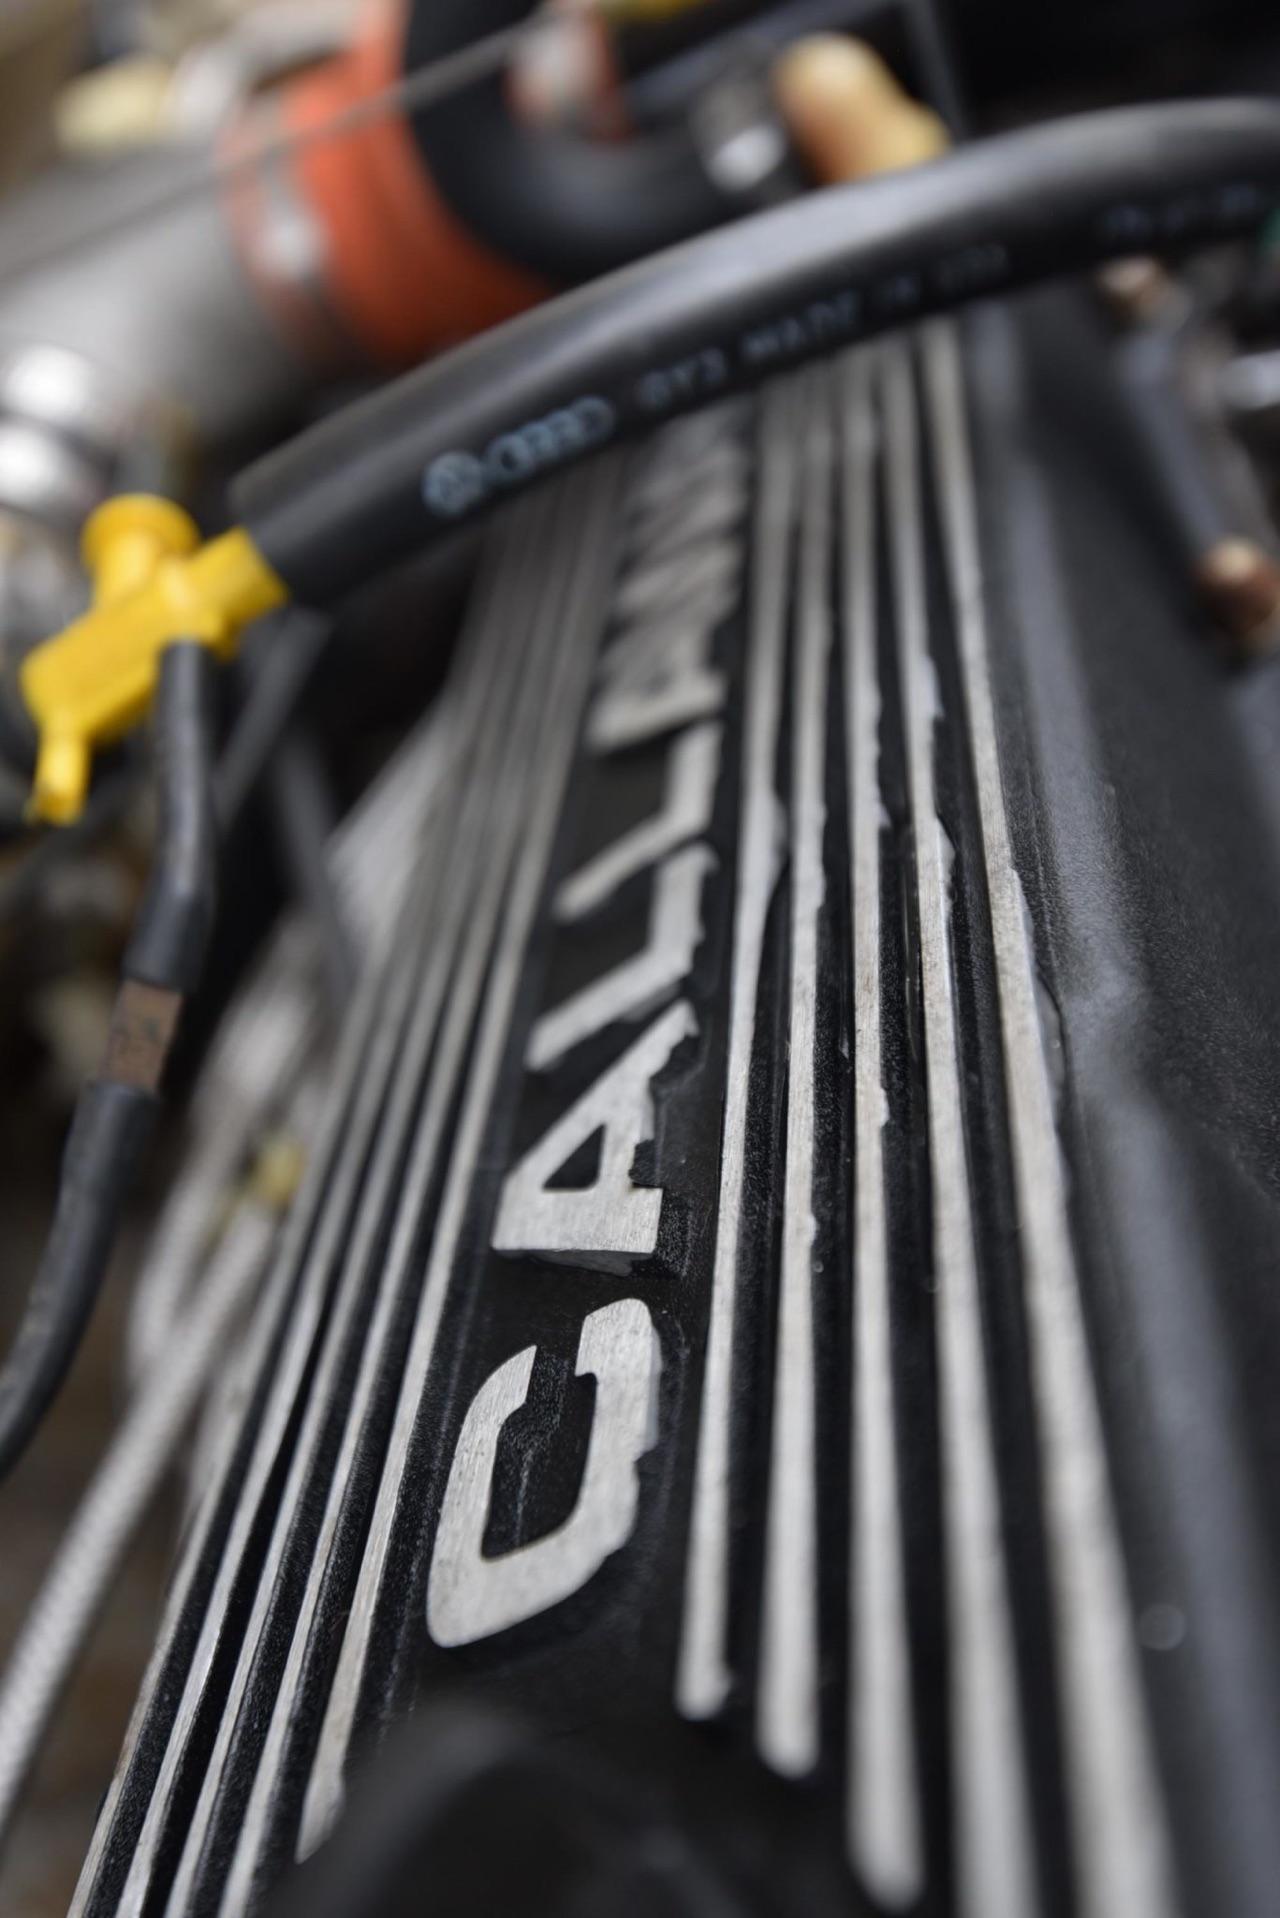 80's VW Scirocco et Golf Callaway Turbo... C'est quoi c'bordel ?! 70